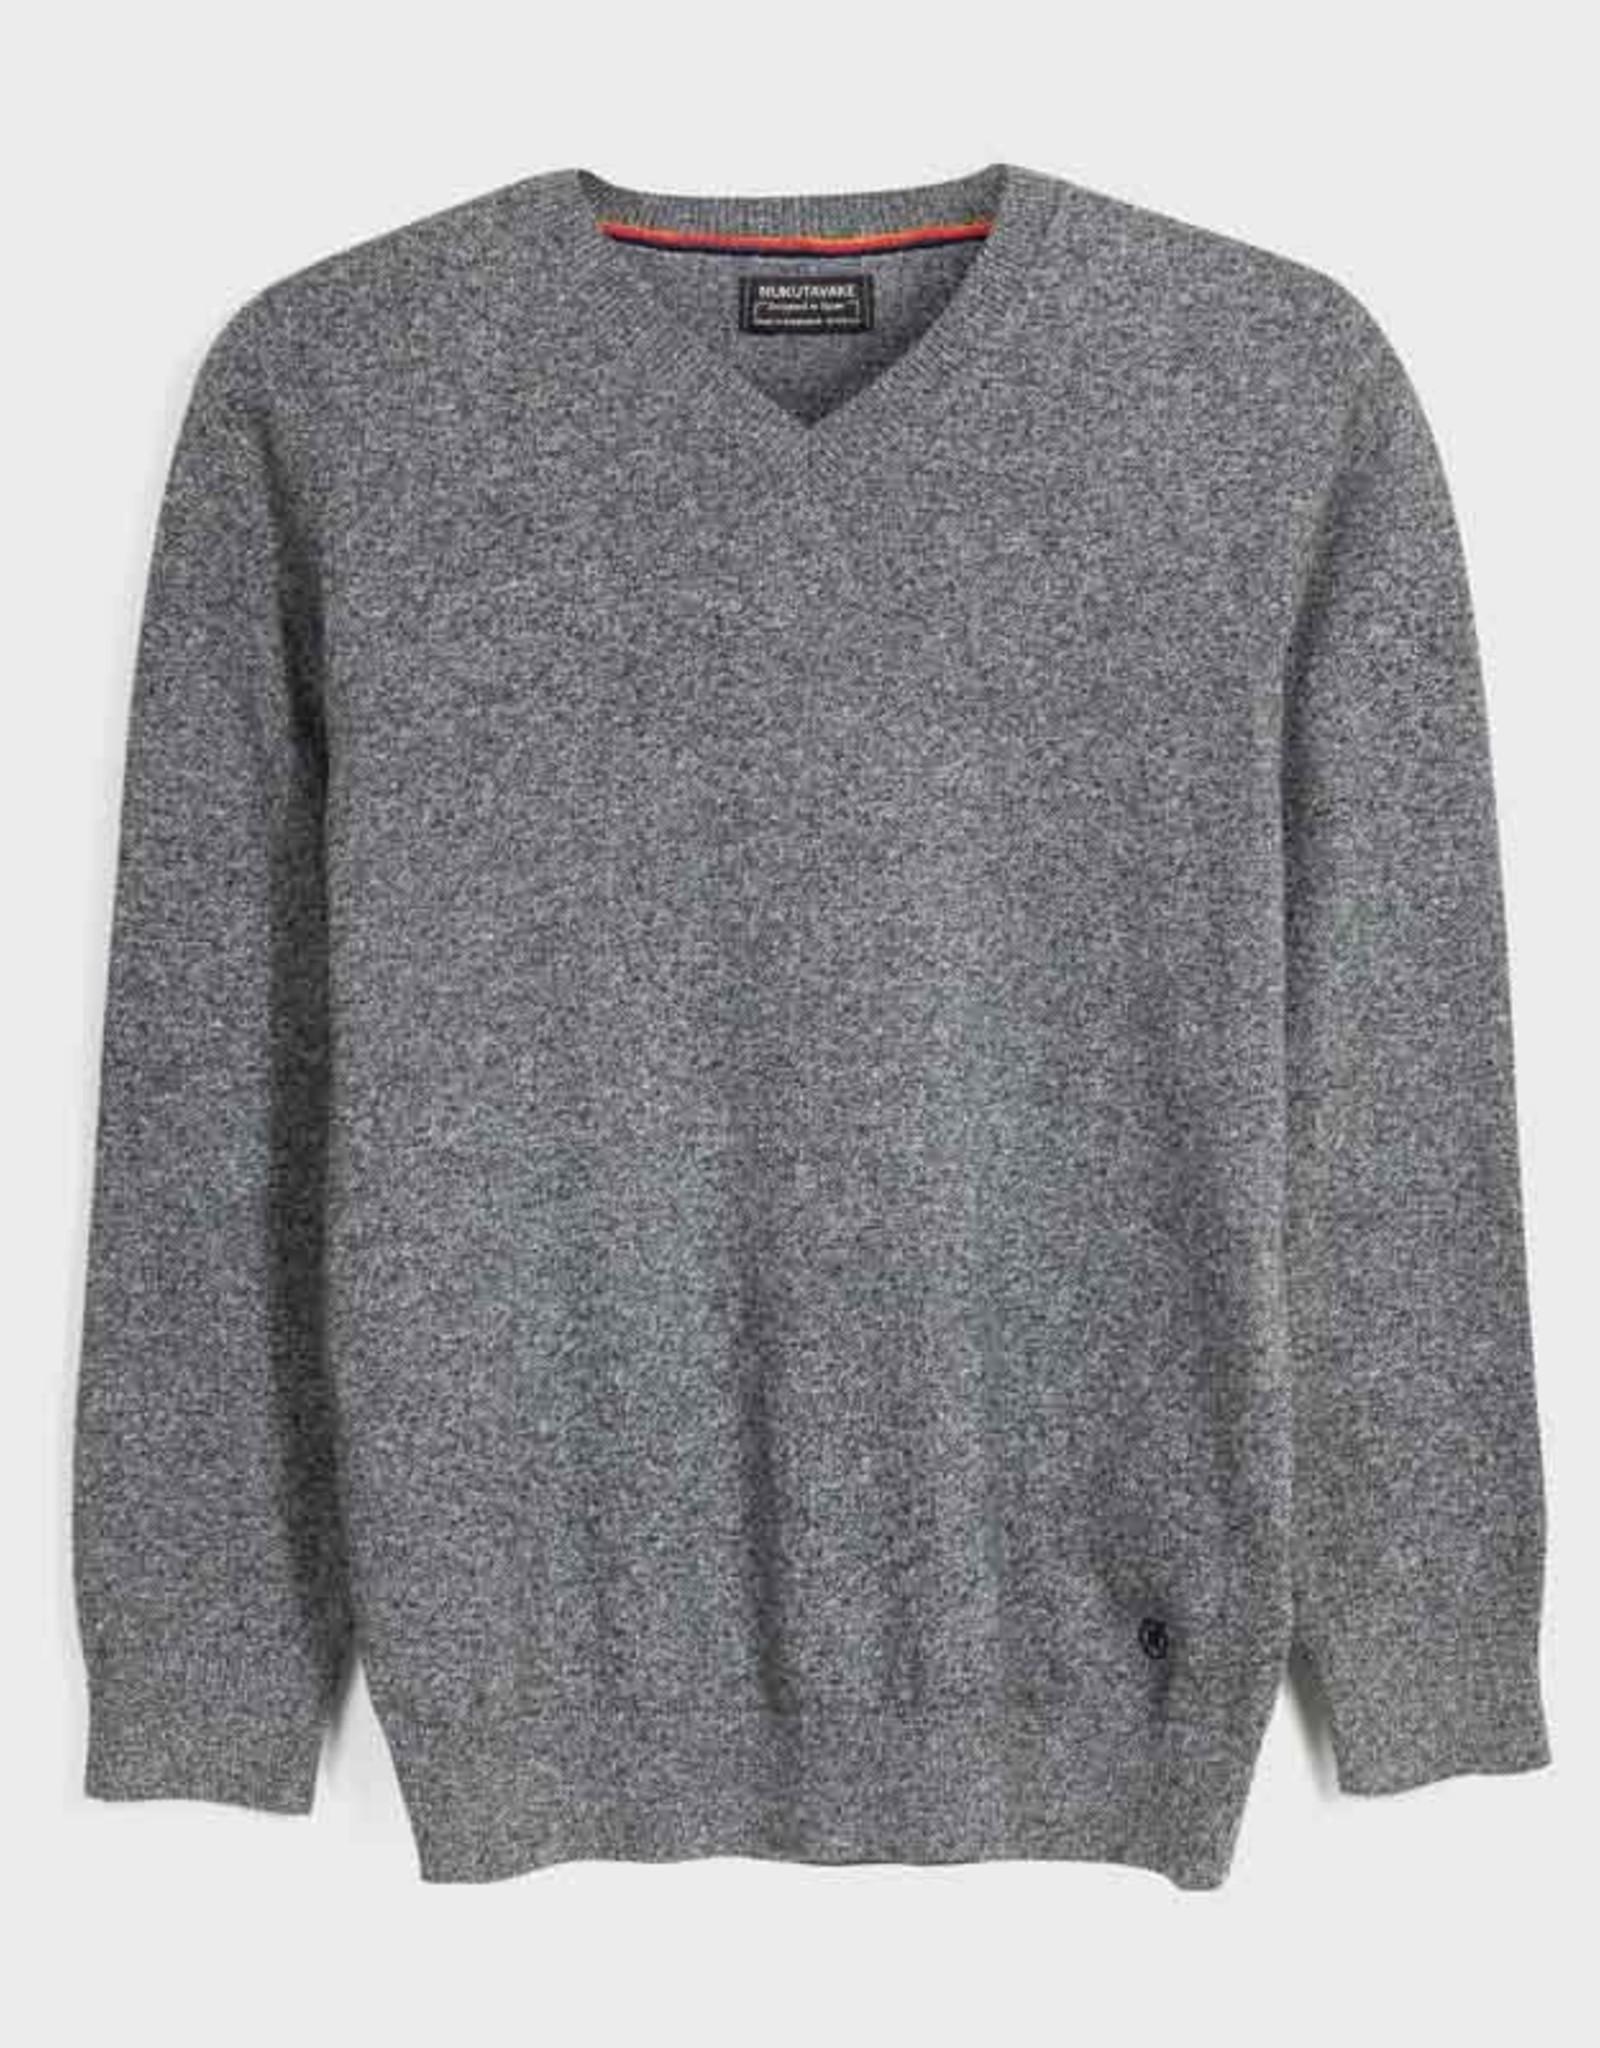 Mayoral Mayoral Basic Cotton V-Neck Sweater